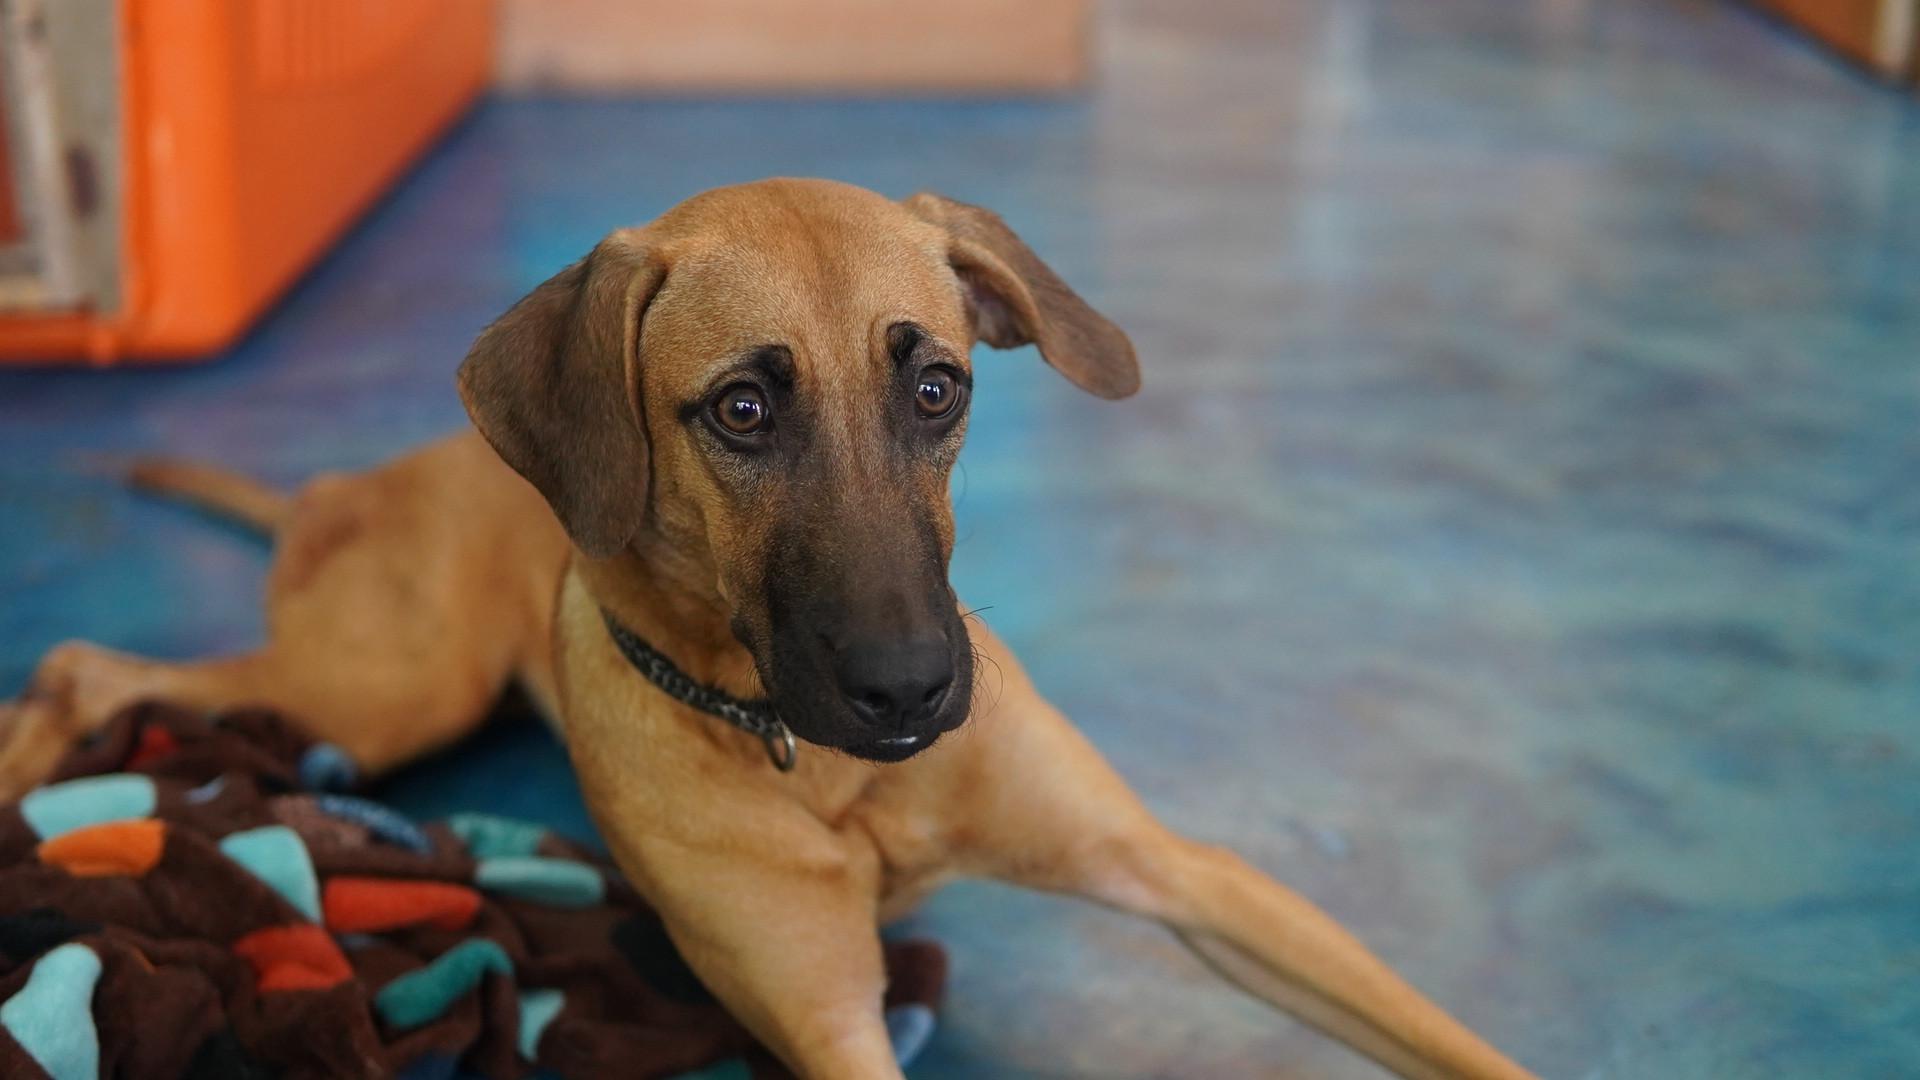 Jasper's animal shelter